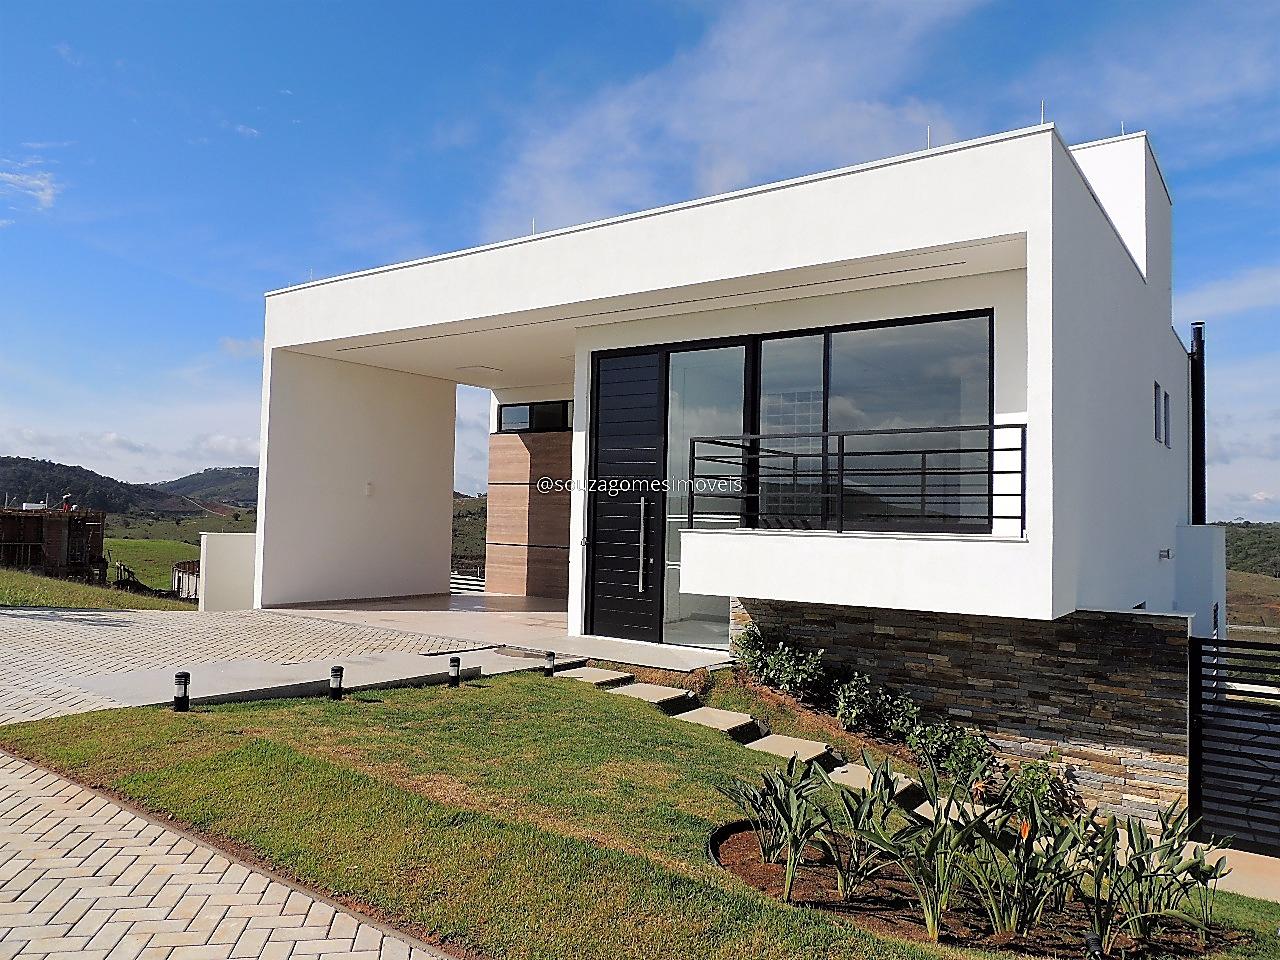 Ref.: 6013 - Casa 4 qtos - São Pedro